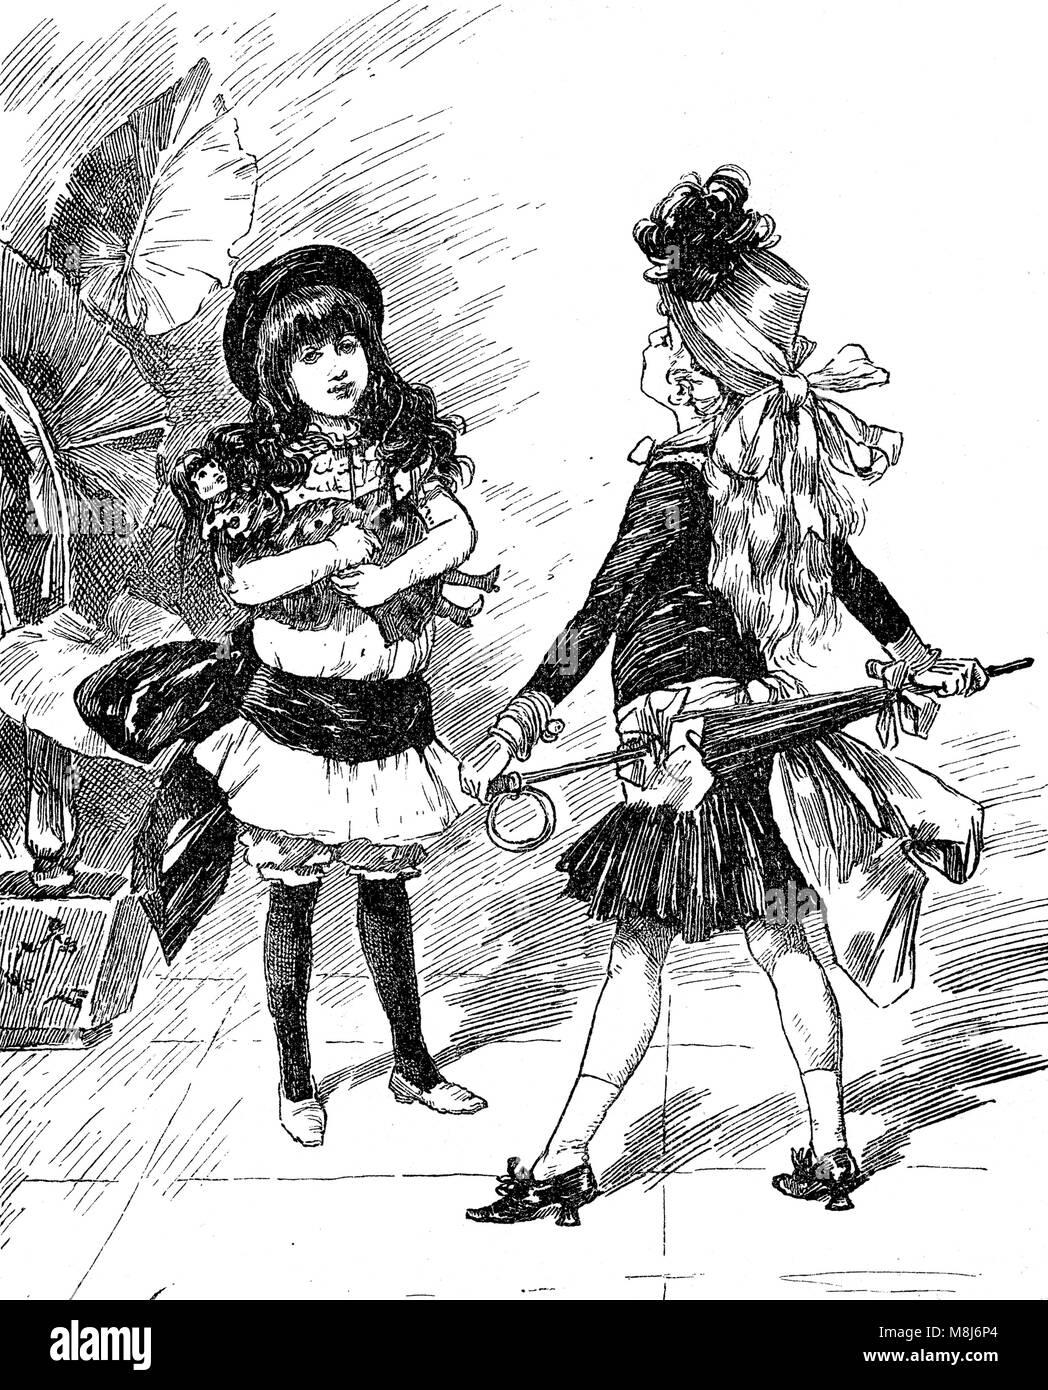 Vintage Karikaturen und Spaß: Modische junge Mädchen einander konfrontieren mit ausgefallenen Outfits Stockbild